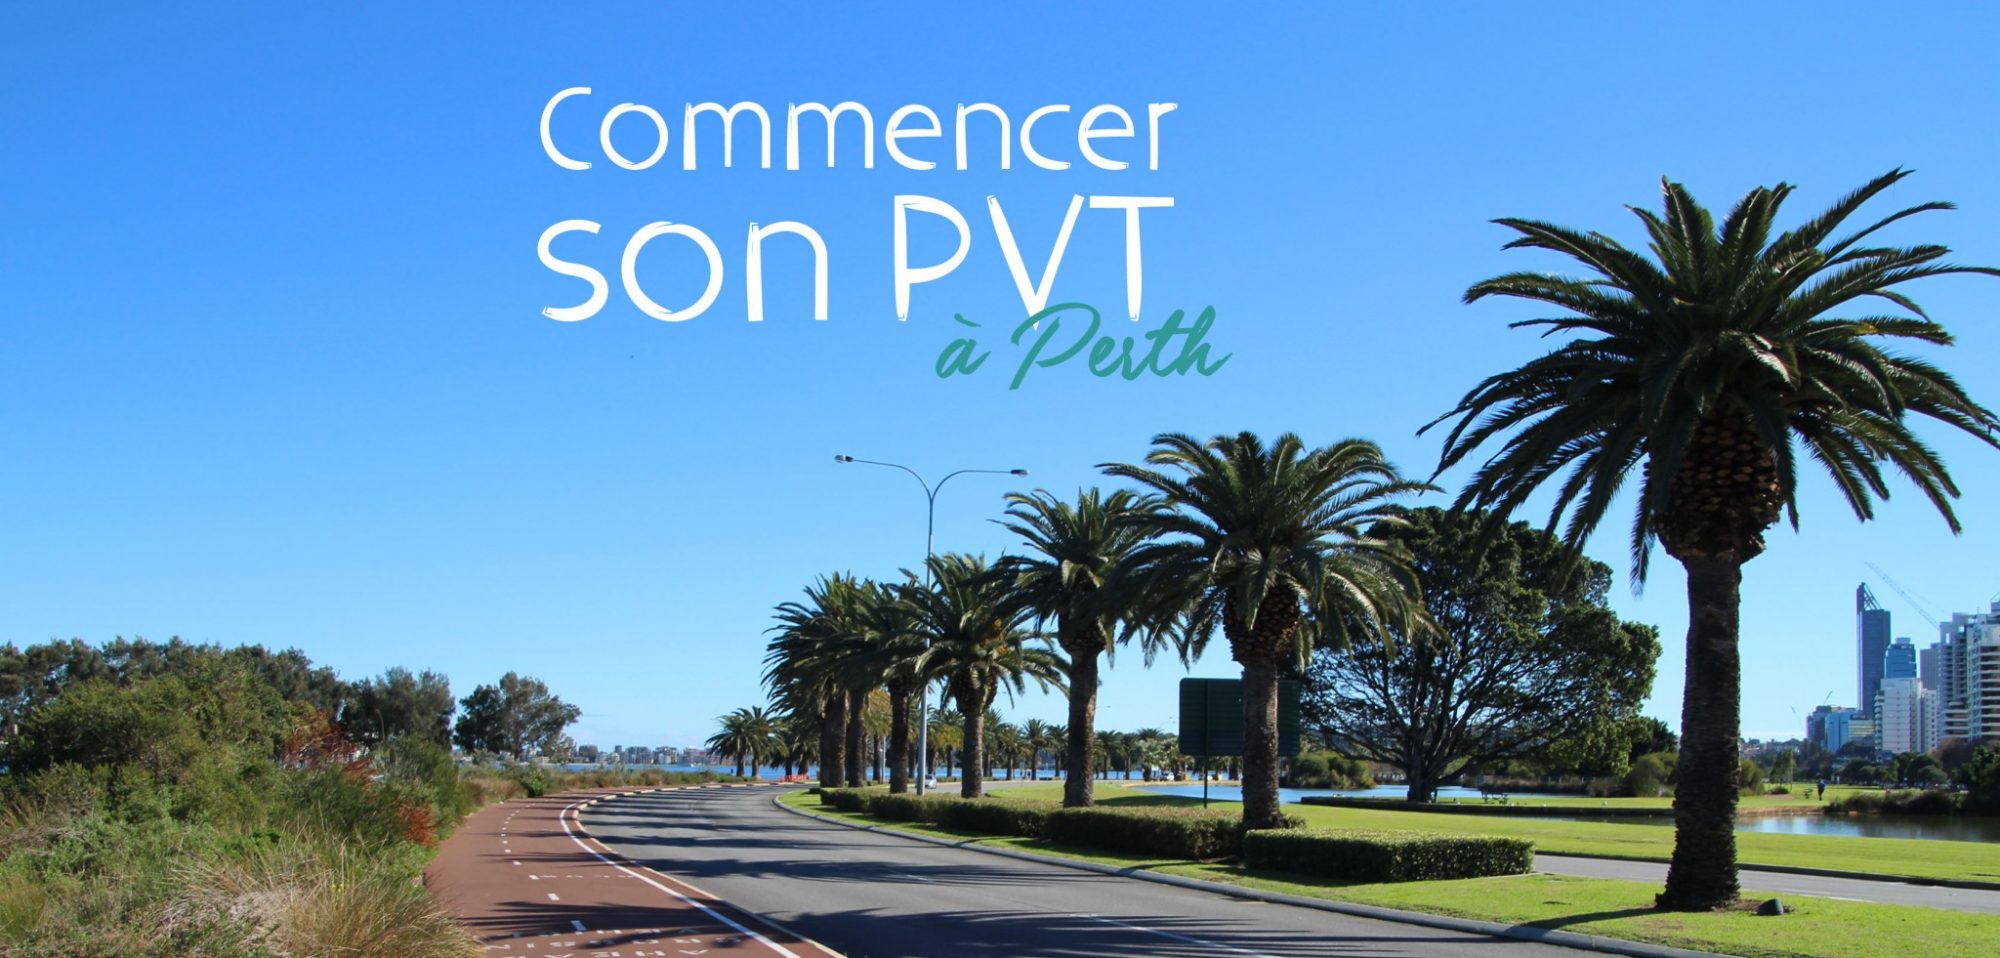 Pourquoi commencer votre PVT à Perth ?